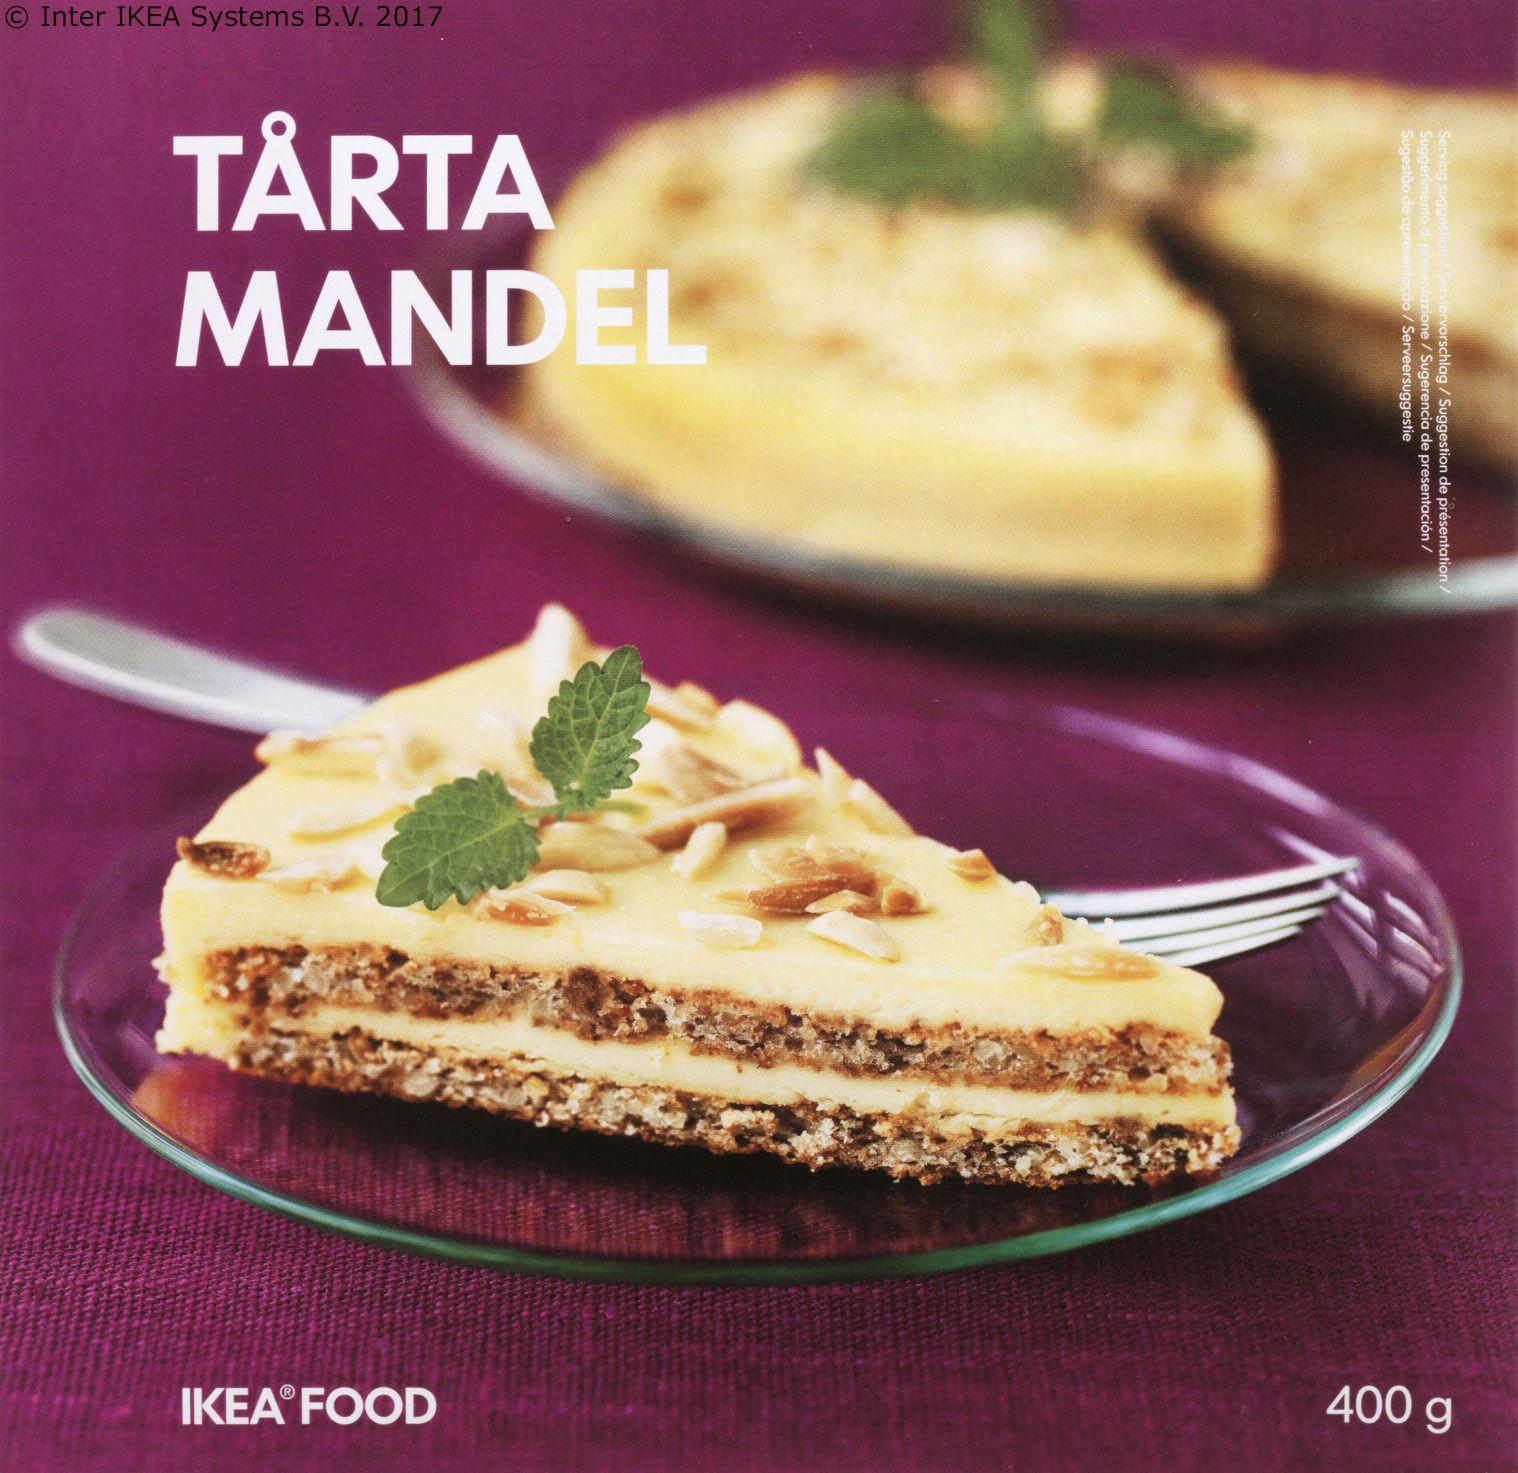 Ako već nisi zasladi se T…RTA MANDEL tortom Desert od badema s kremom od